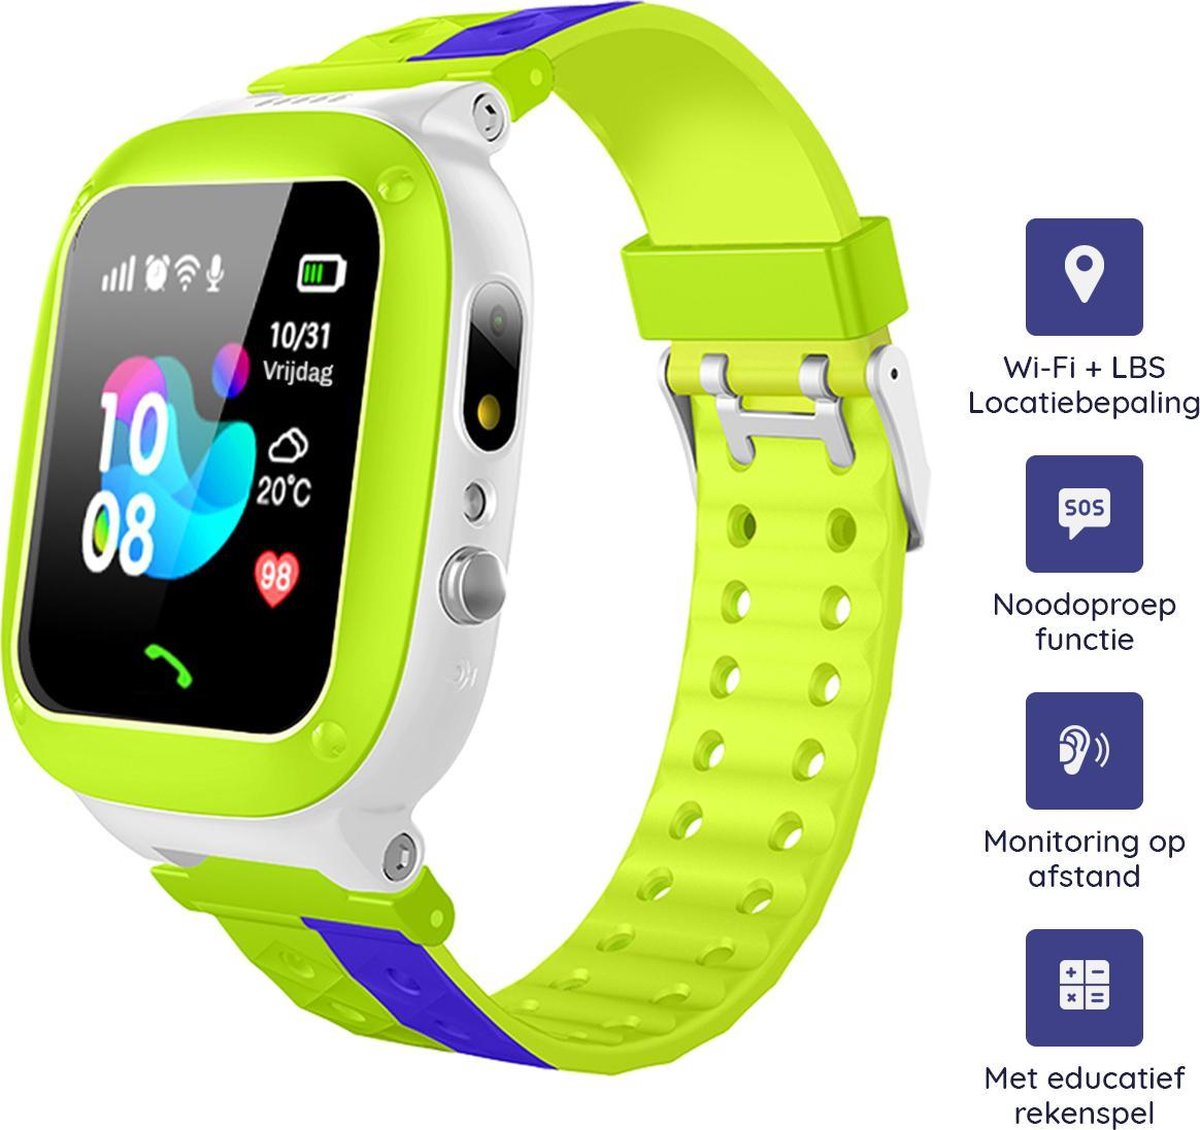 M-Iconic Smartwatch kinderen - Speelgoedhorloge - Kinder smartwatch - GPS Horloge Kind - Smartwatch kids - Kinderlaptop - Leercomputer - Bellen & video - Rekenspel - Nederlands - Groen/paars